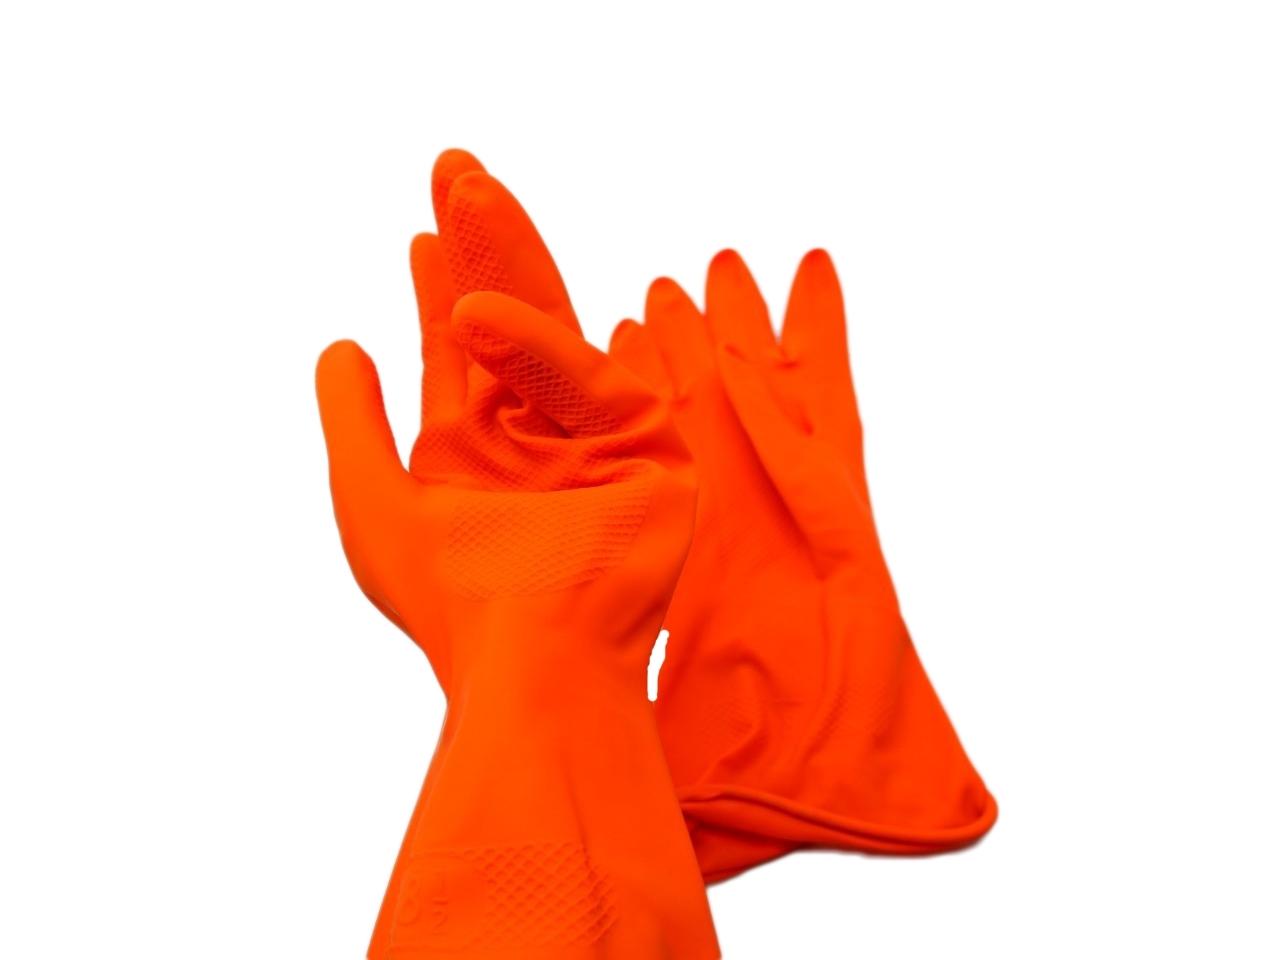 ถุงมือยางสีส้ม  SIZE M ขนาด 8 นิ้ว